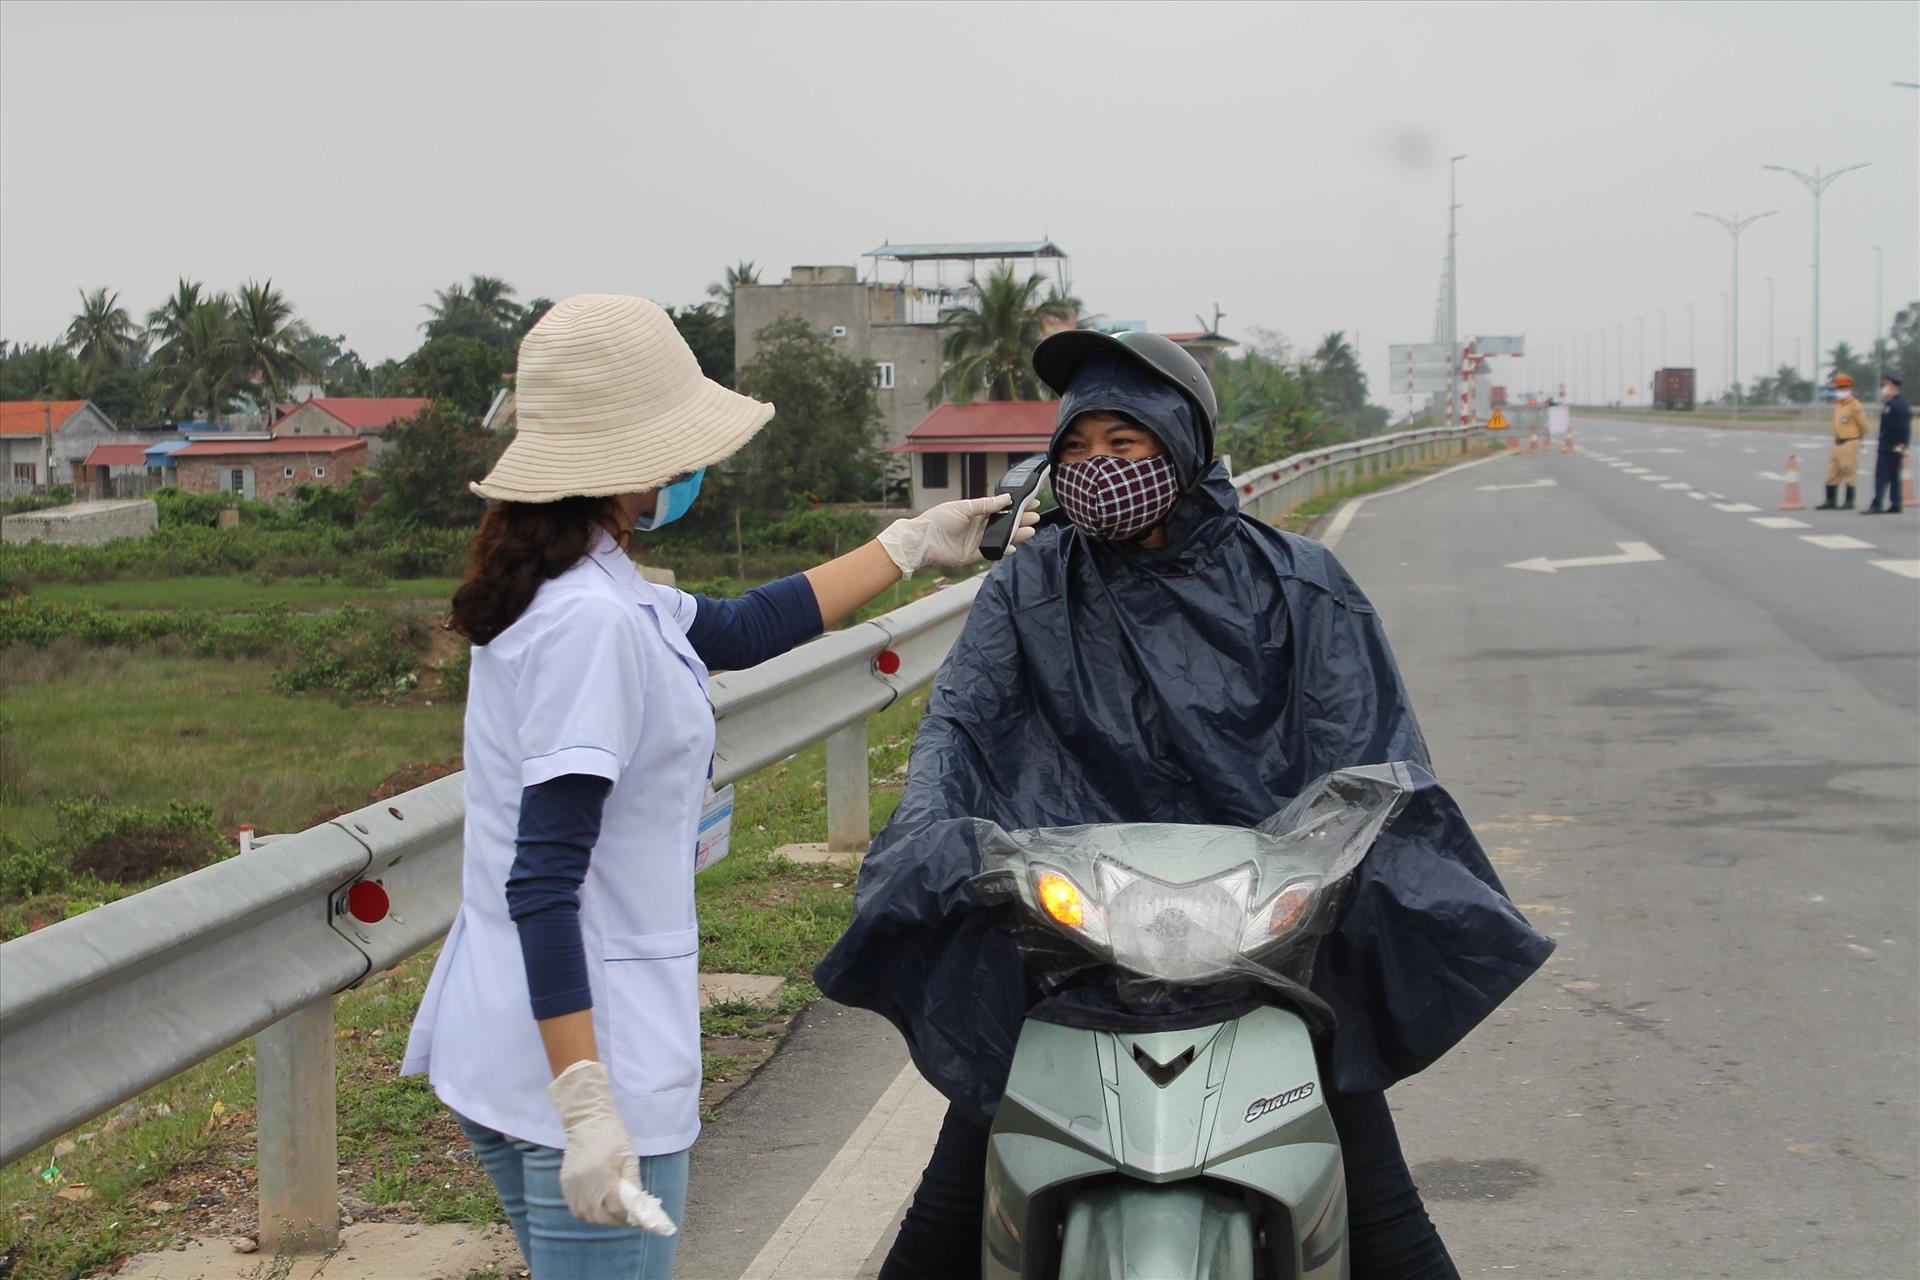 Kiểm tra thân nhiệt tại chốt kiểm dịch y tế huyện Cát Hải. (Ảnh qua laodong)